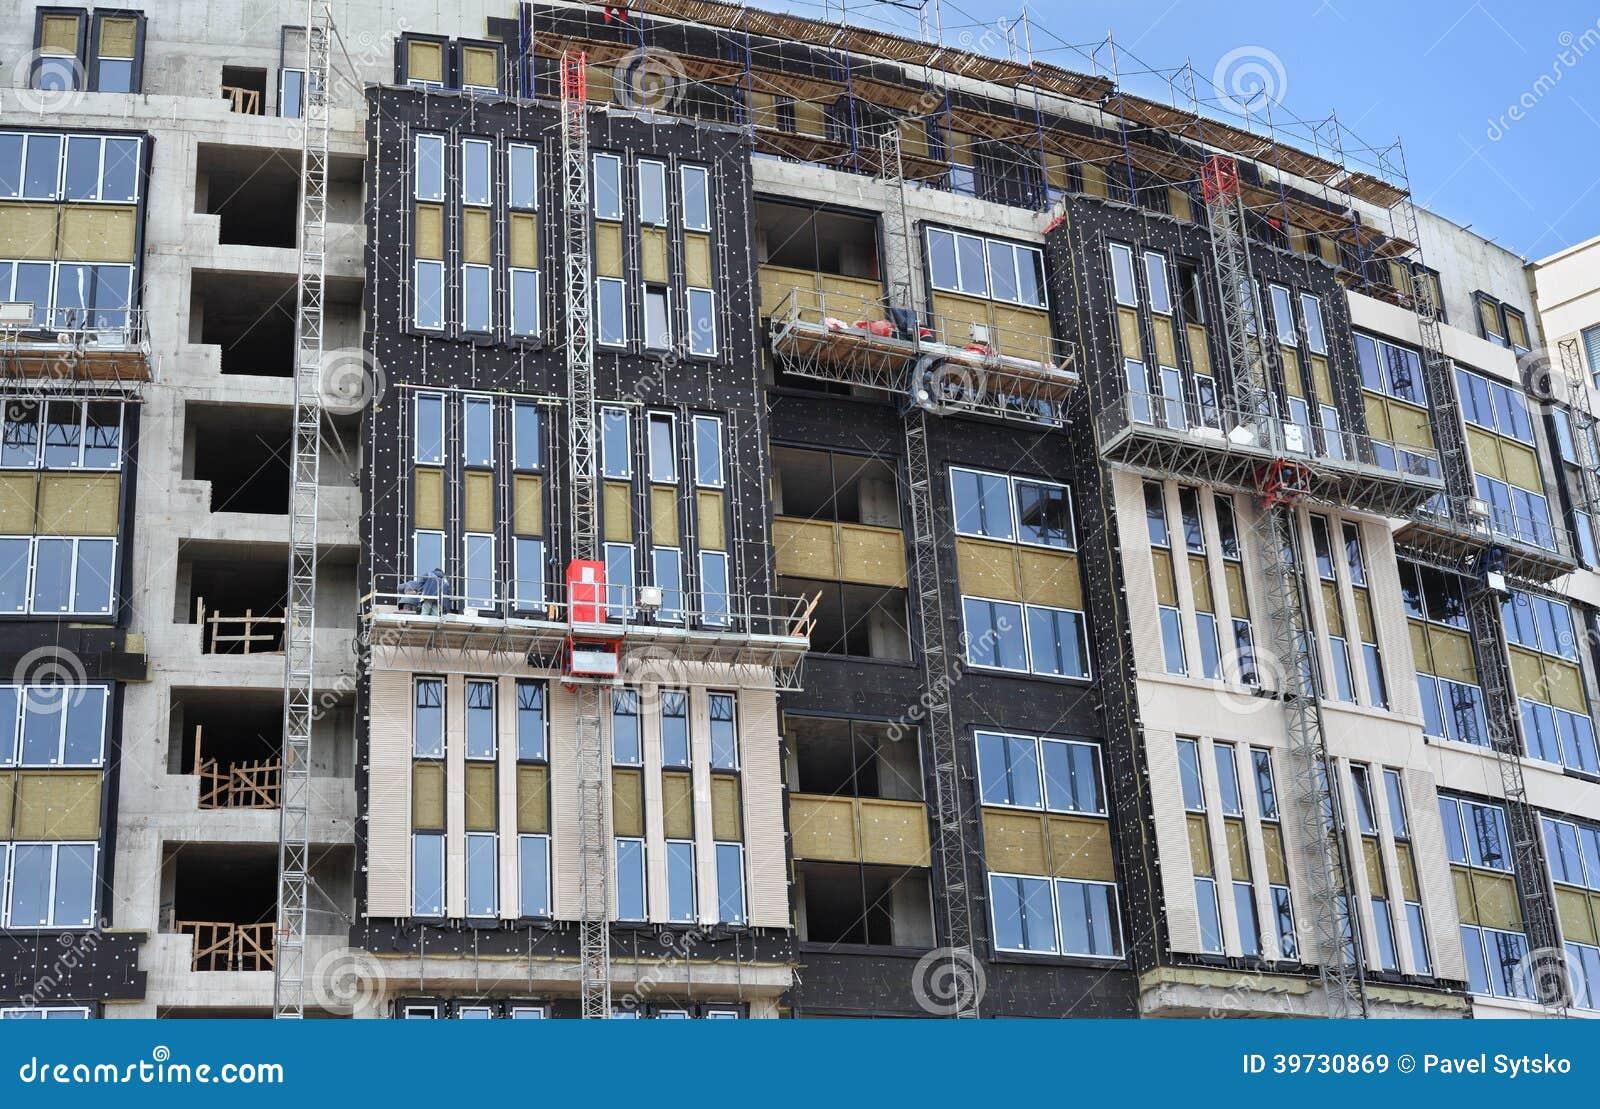 High rise de bouw in aanbouw met het waterdicht maken en for Huis waterdicht maken